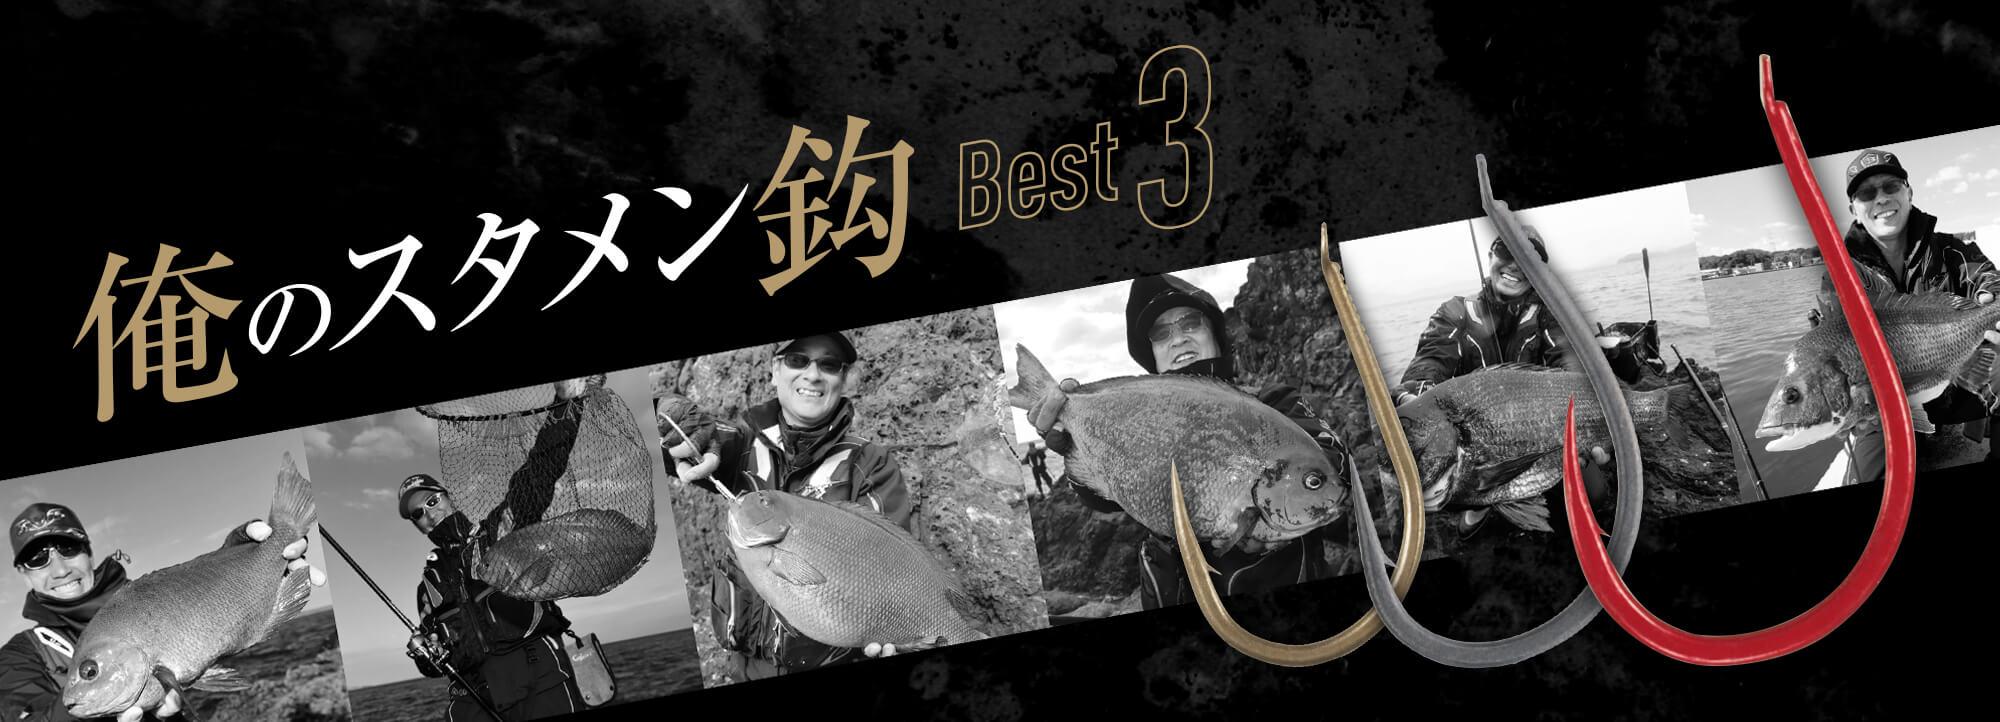 俺のスタメン鈎Best3【がま磯】